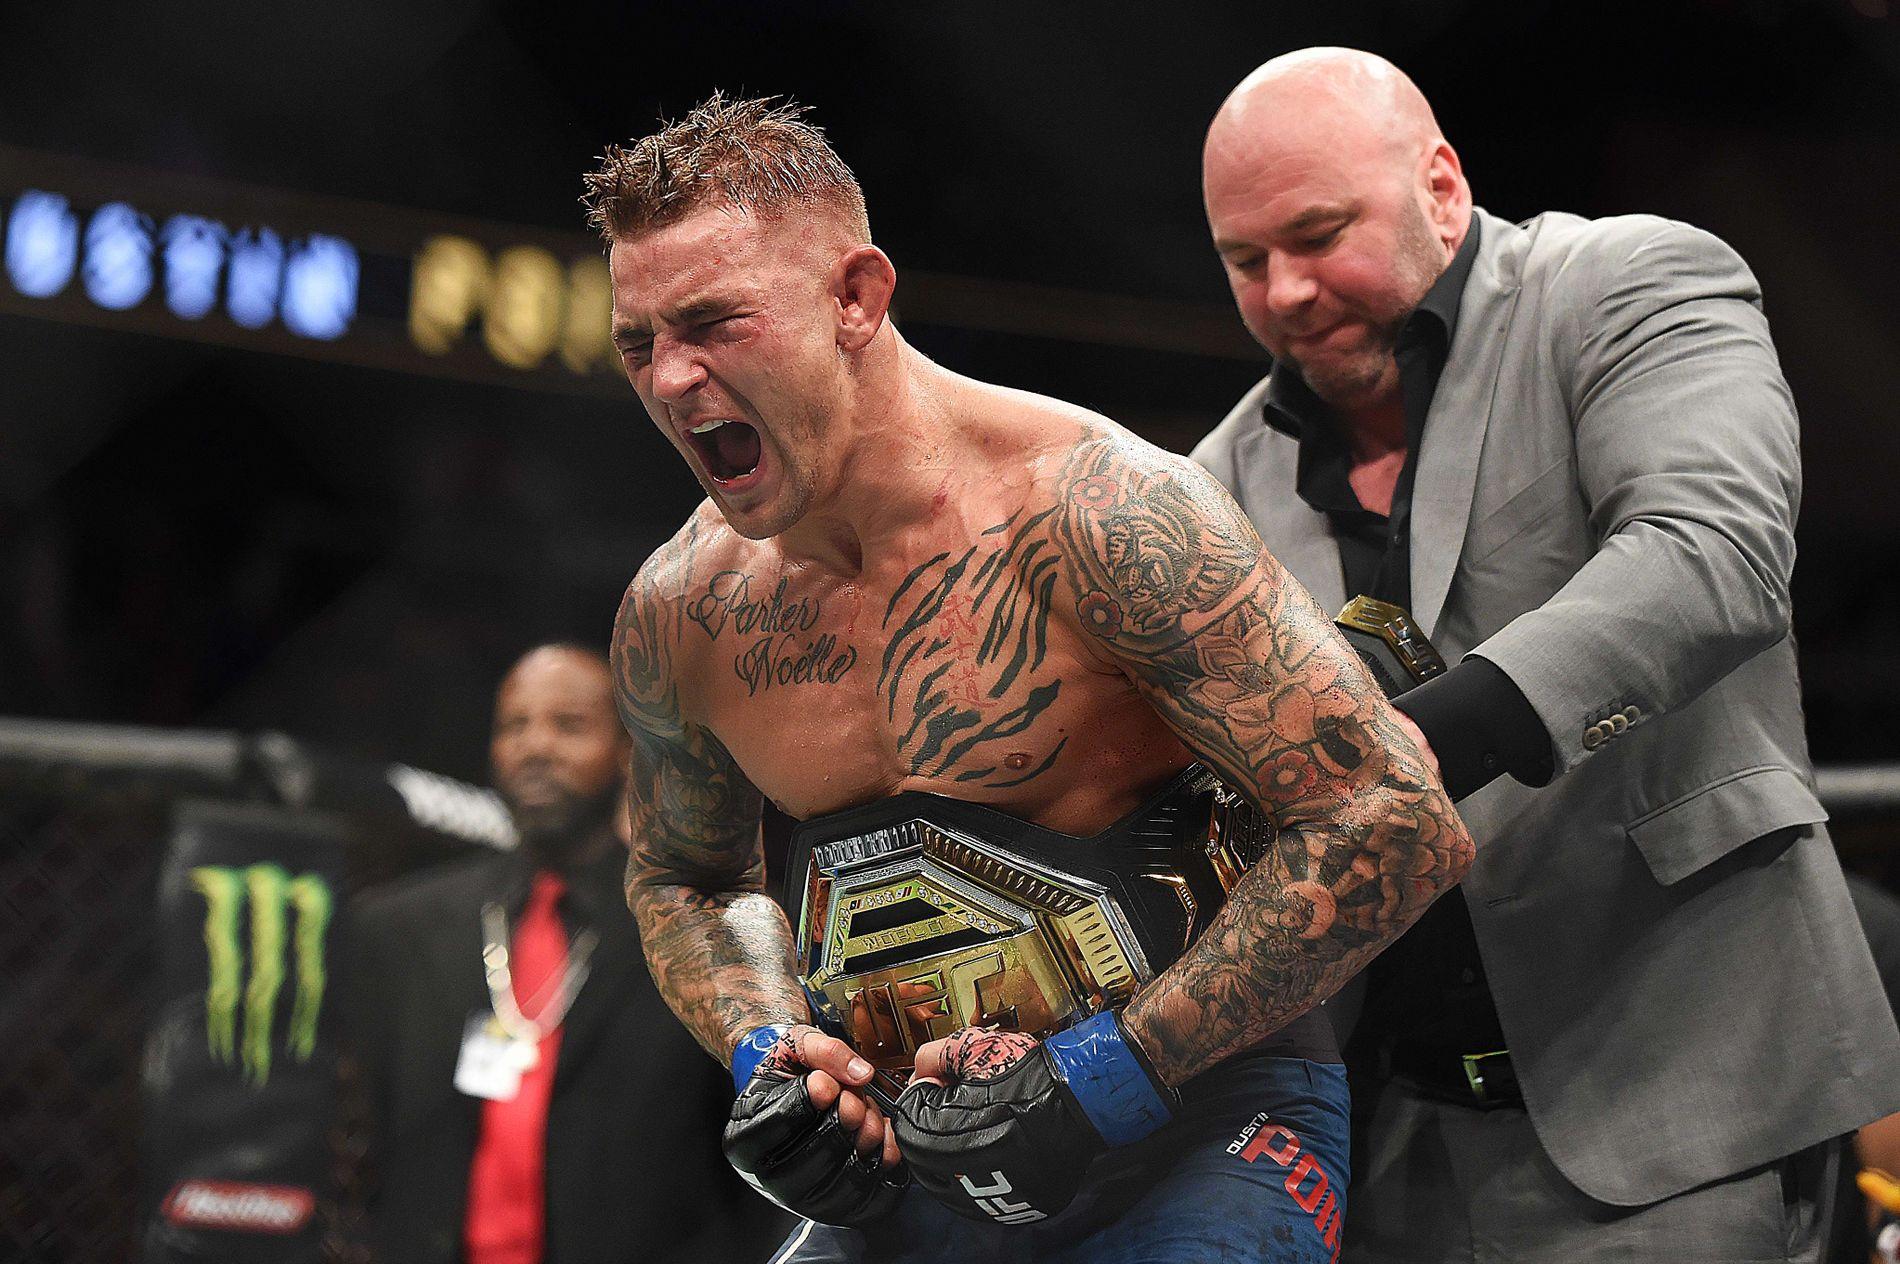 GLEDESBRØL: Dustin Poirier får det «midlertidige tittelbeltet» rundt livet av UFC-president Dana White.